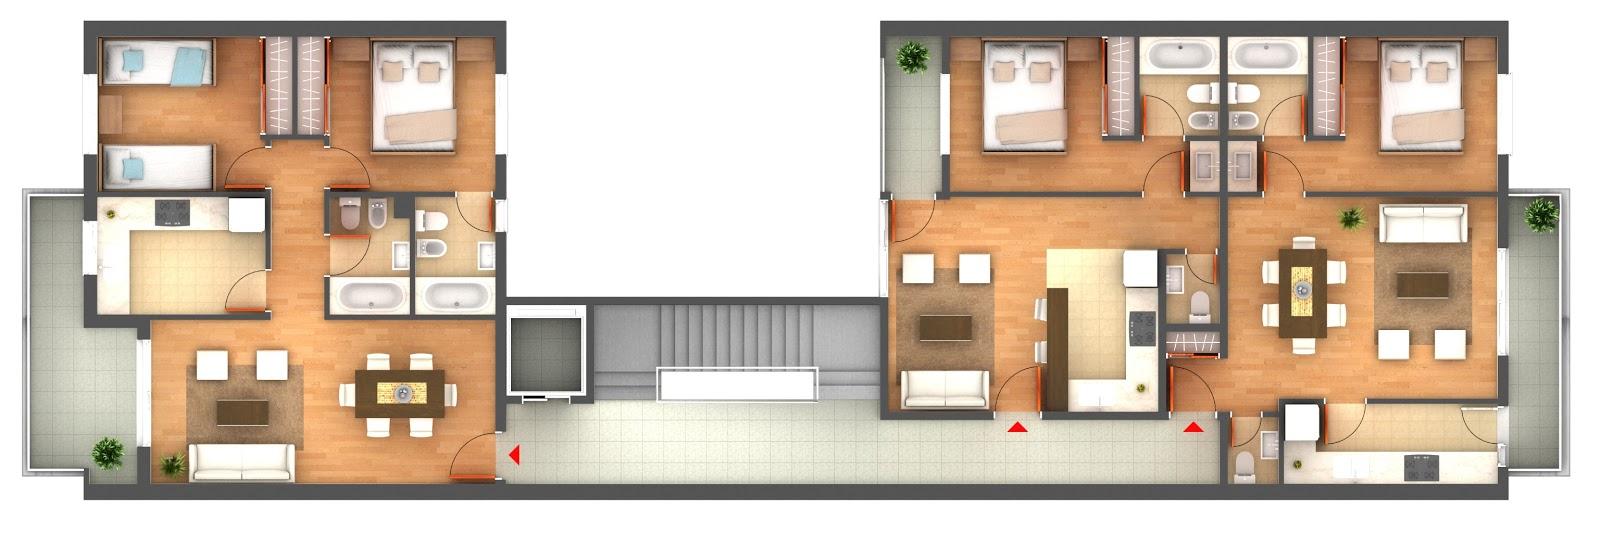 Renderizar Arquitectura Imagenes 3d Renders